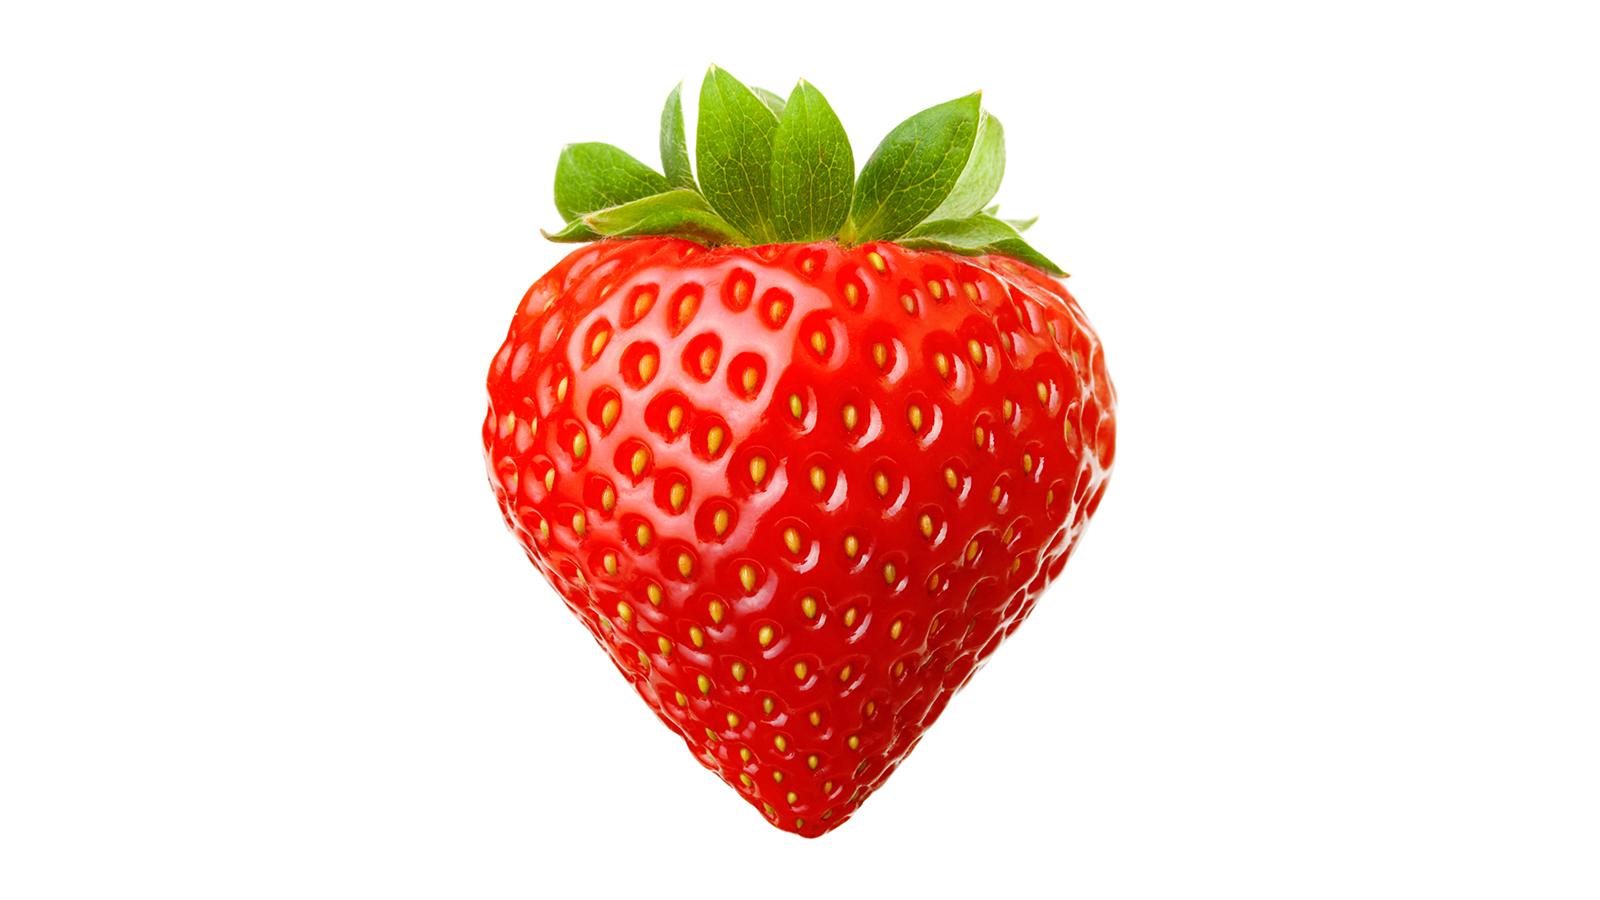 糖質制限中にいちごは食べてもOK?効果的な取り方と注意点!